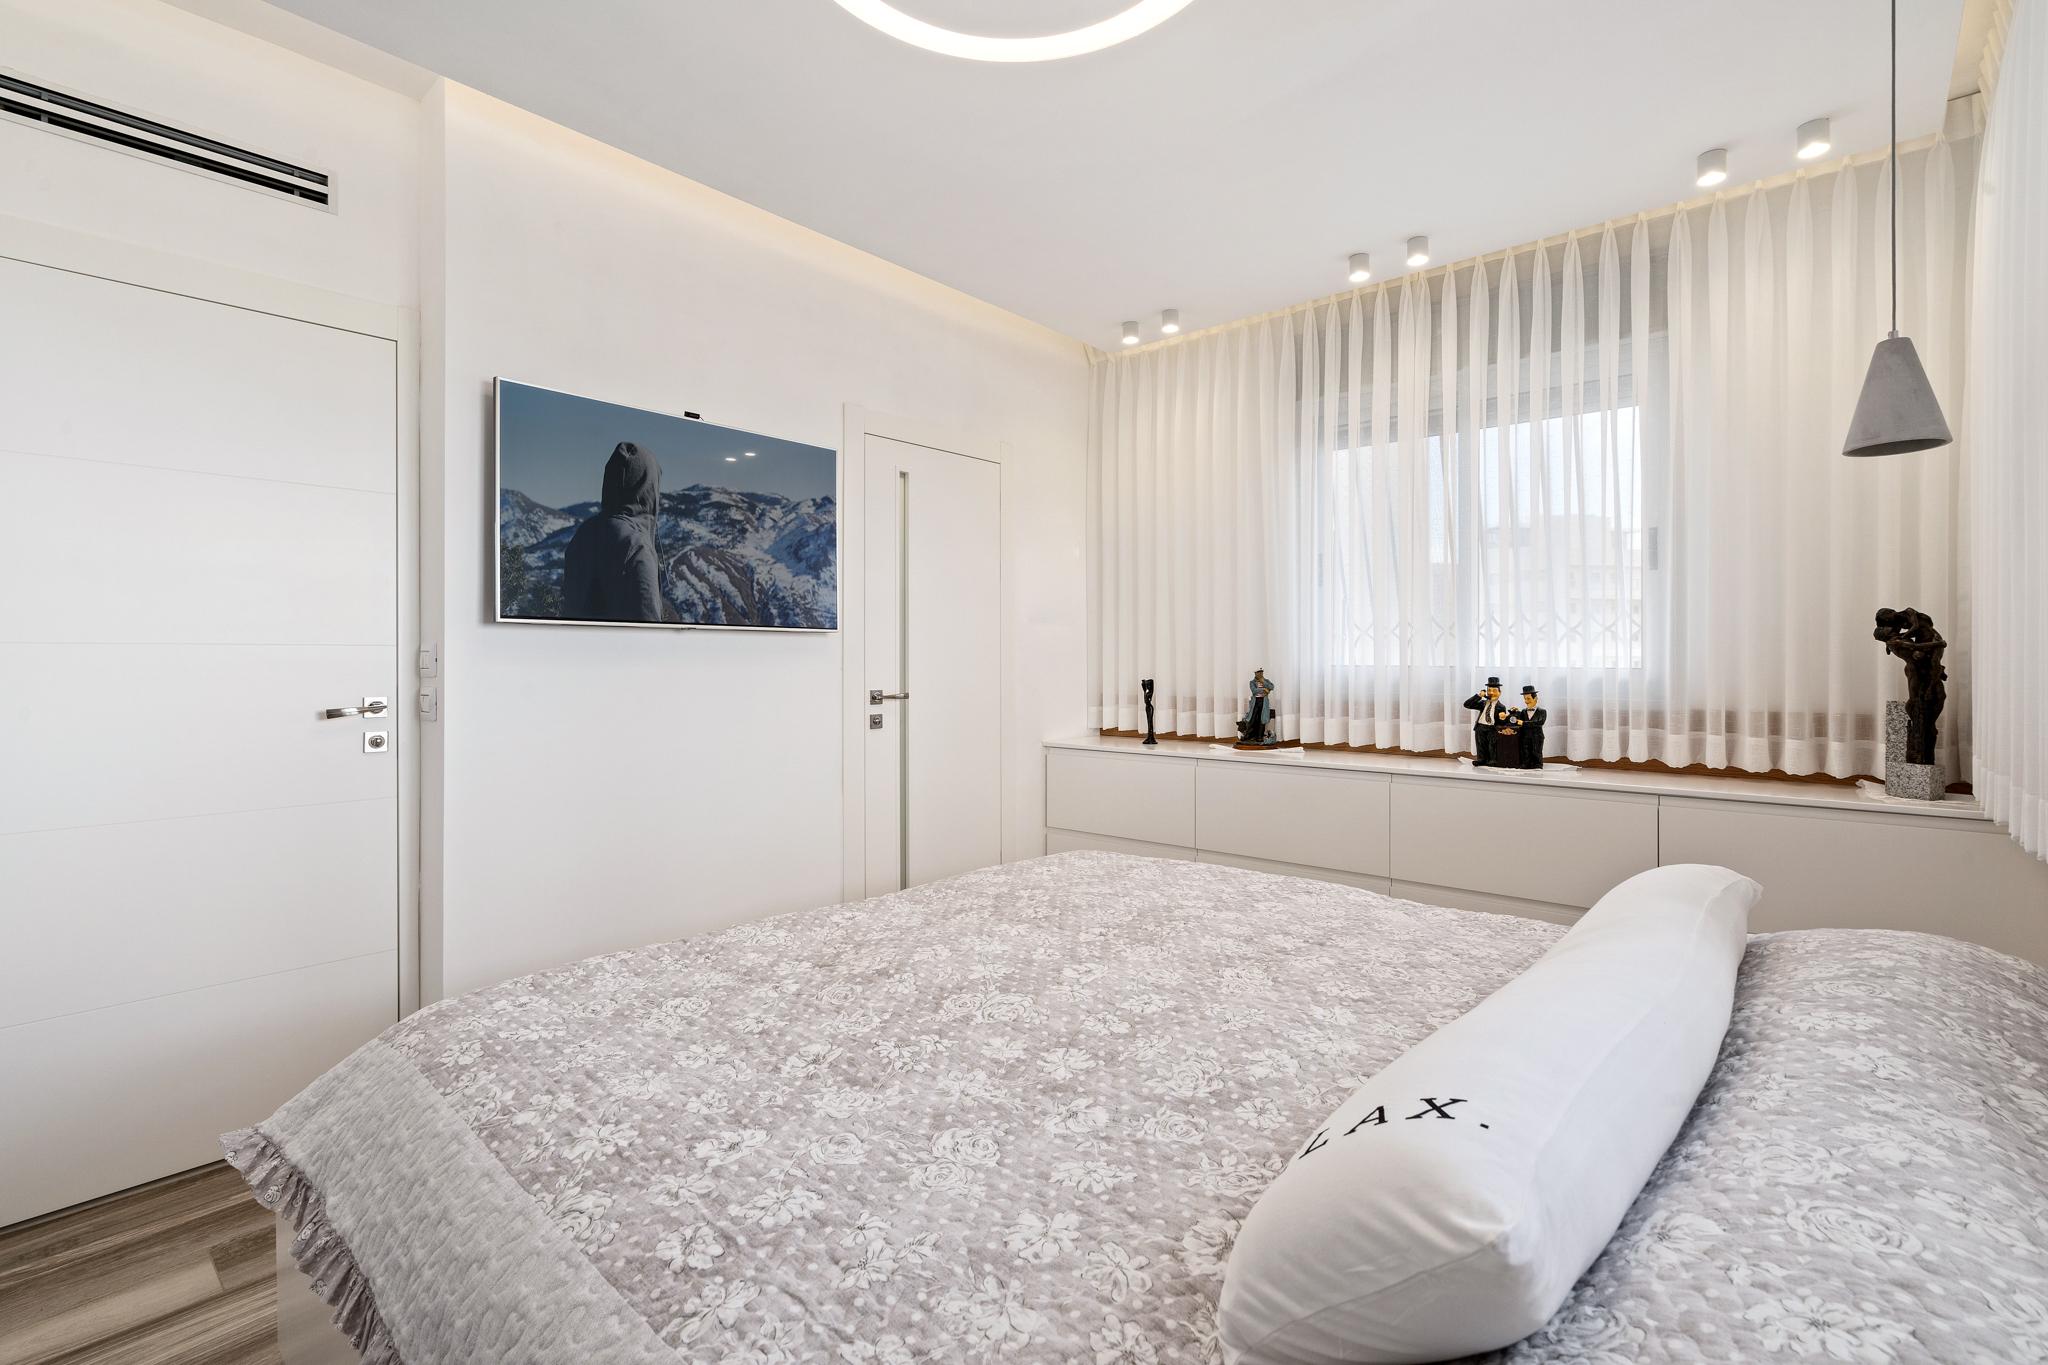 קיר טלויזיה בחדר השינה